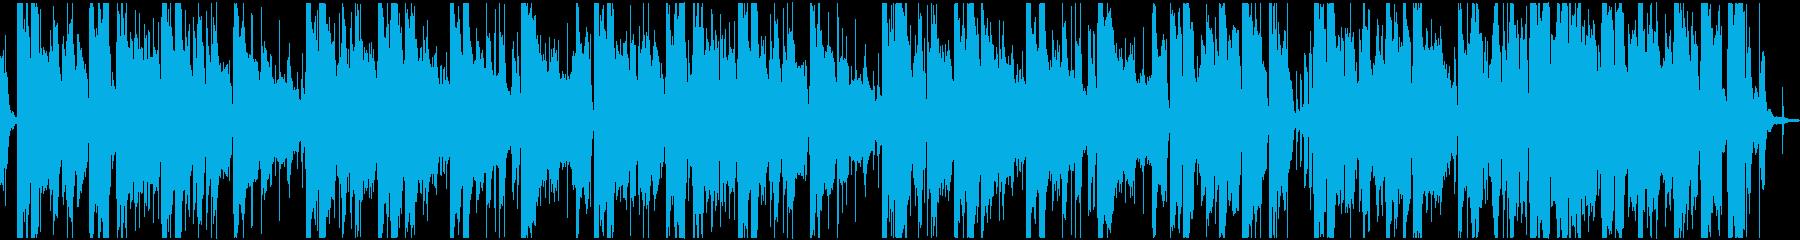 ゆったりした雰囲気のチルホップ(ループ)の再生済みの波形